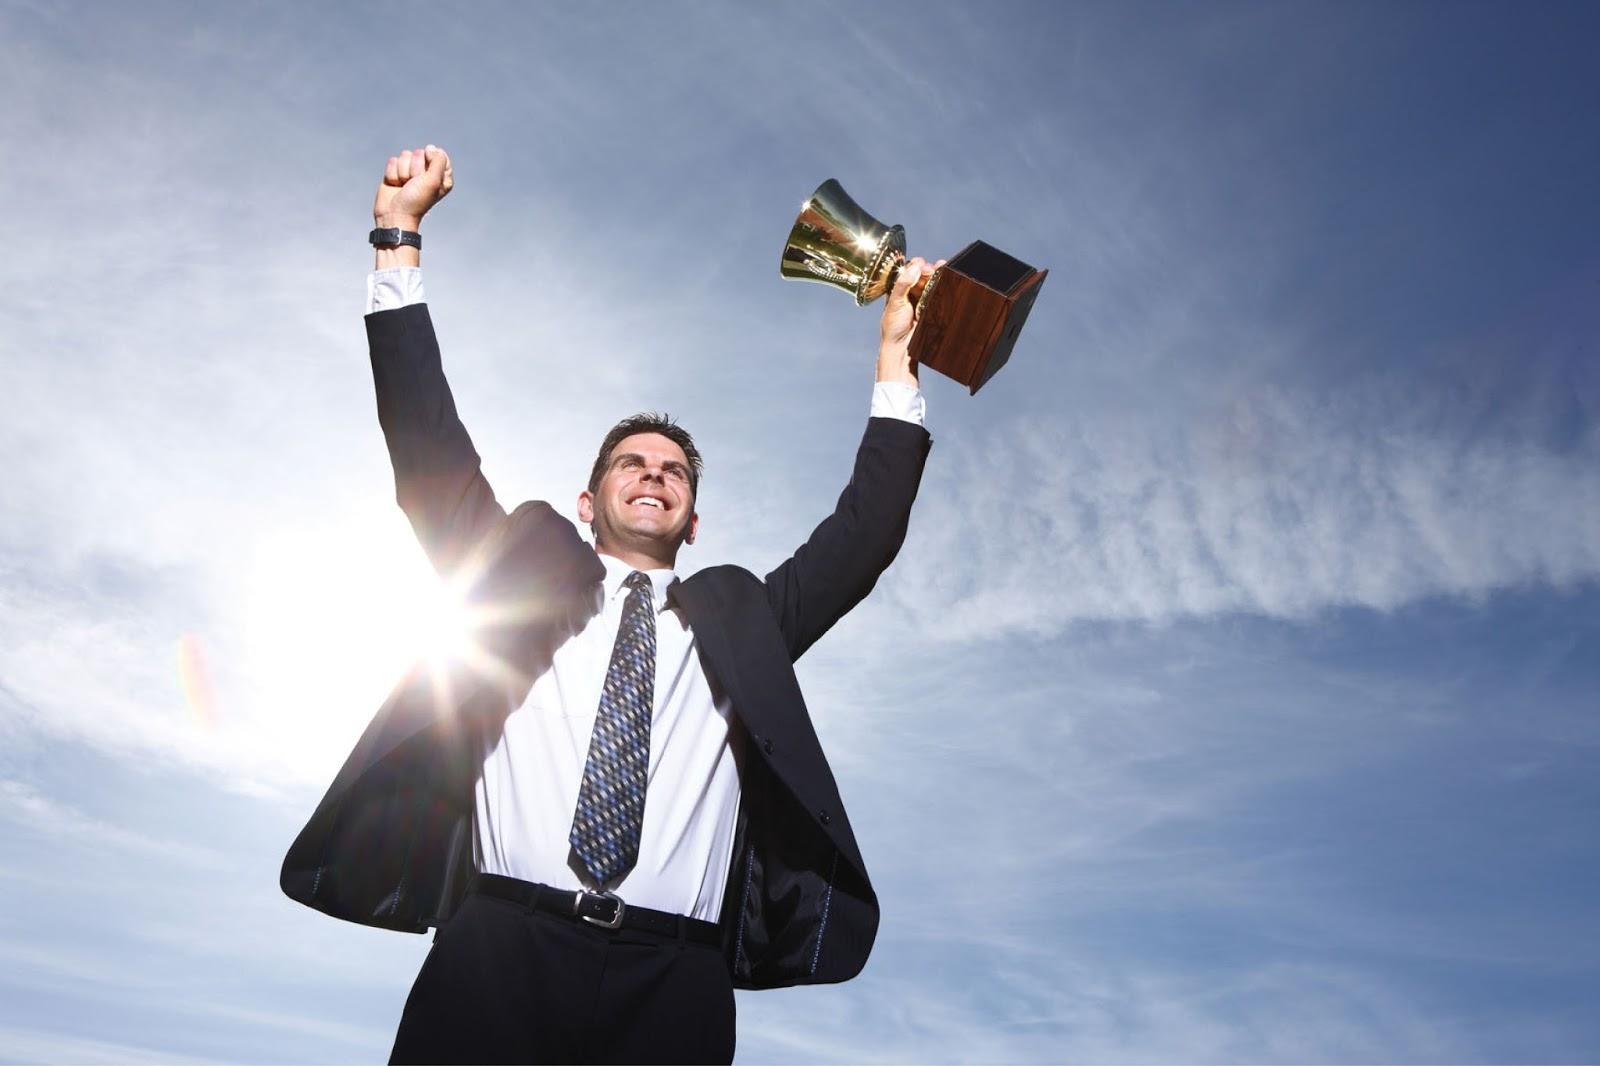 Download mẫu phiếu thăng chức và quy trình thăng chức phổ biến